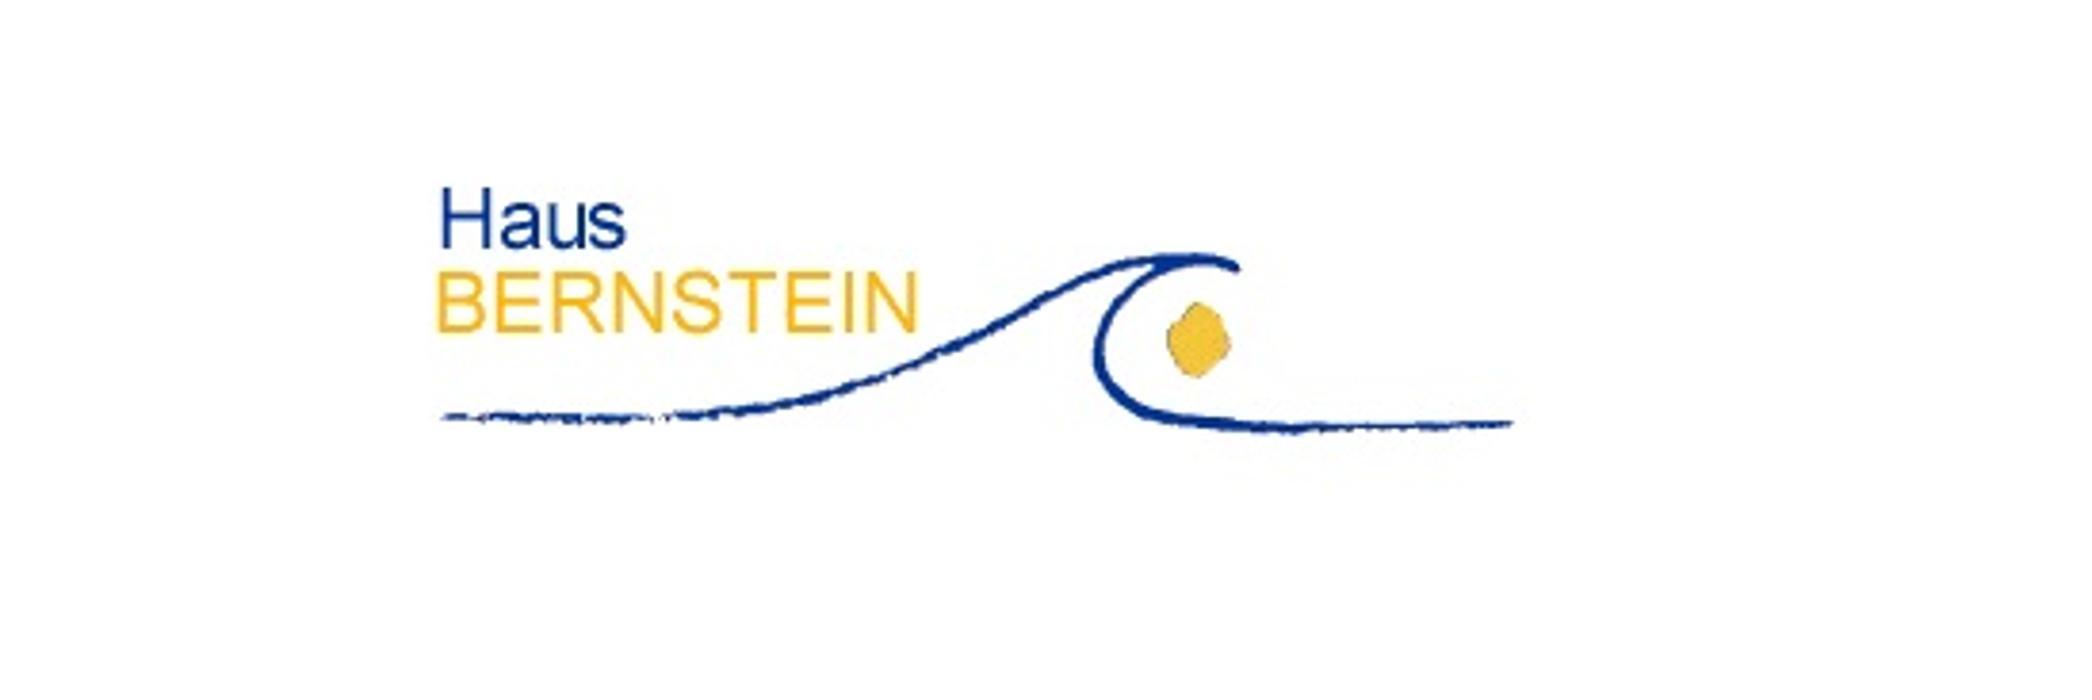 Bild zu Haus Bernstein in Göhren Ostseebad